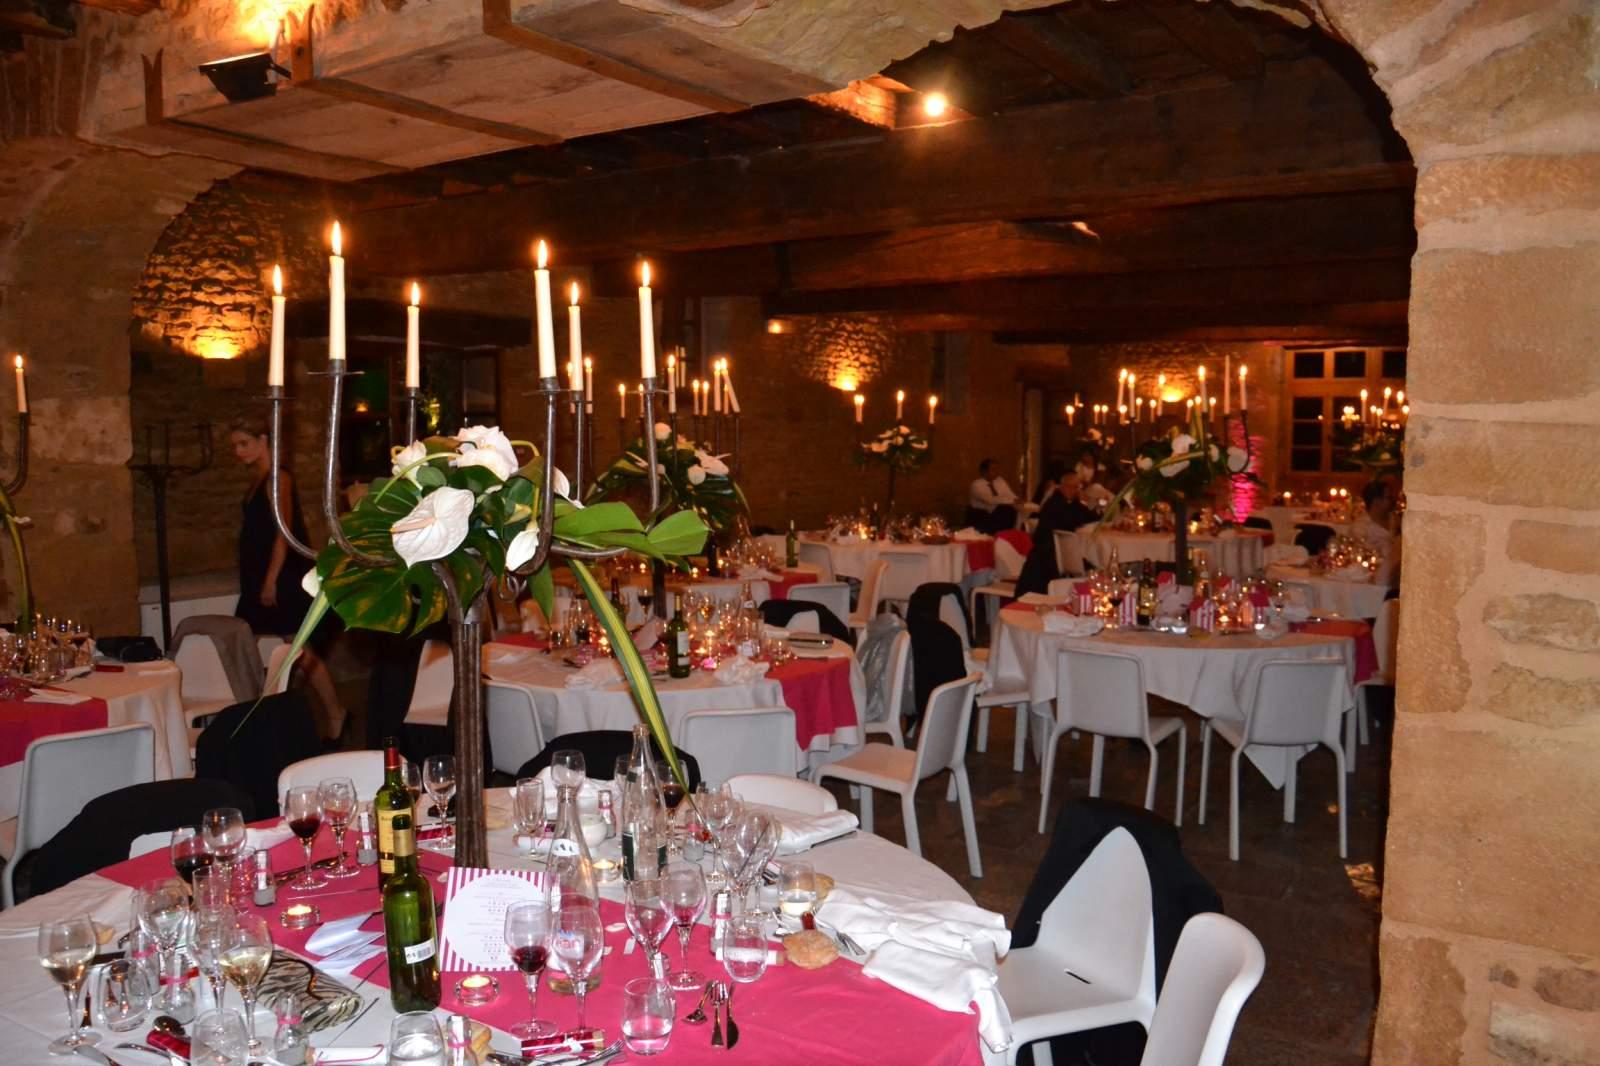 location de chandelier pour mariage lyon vente de fleurs et bougies meyzieu fleurs et style. Black Bedroom Furniture Sets. Home Design Ideas